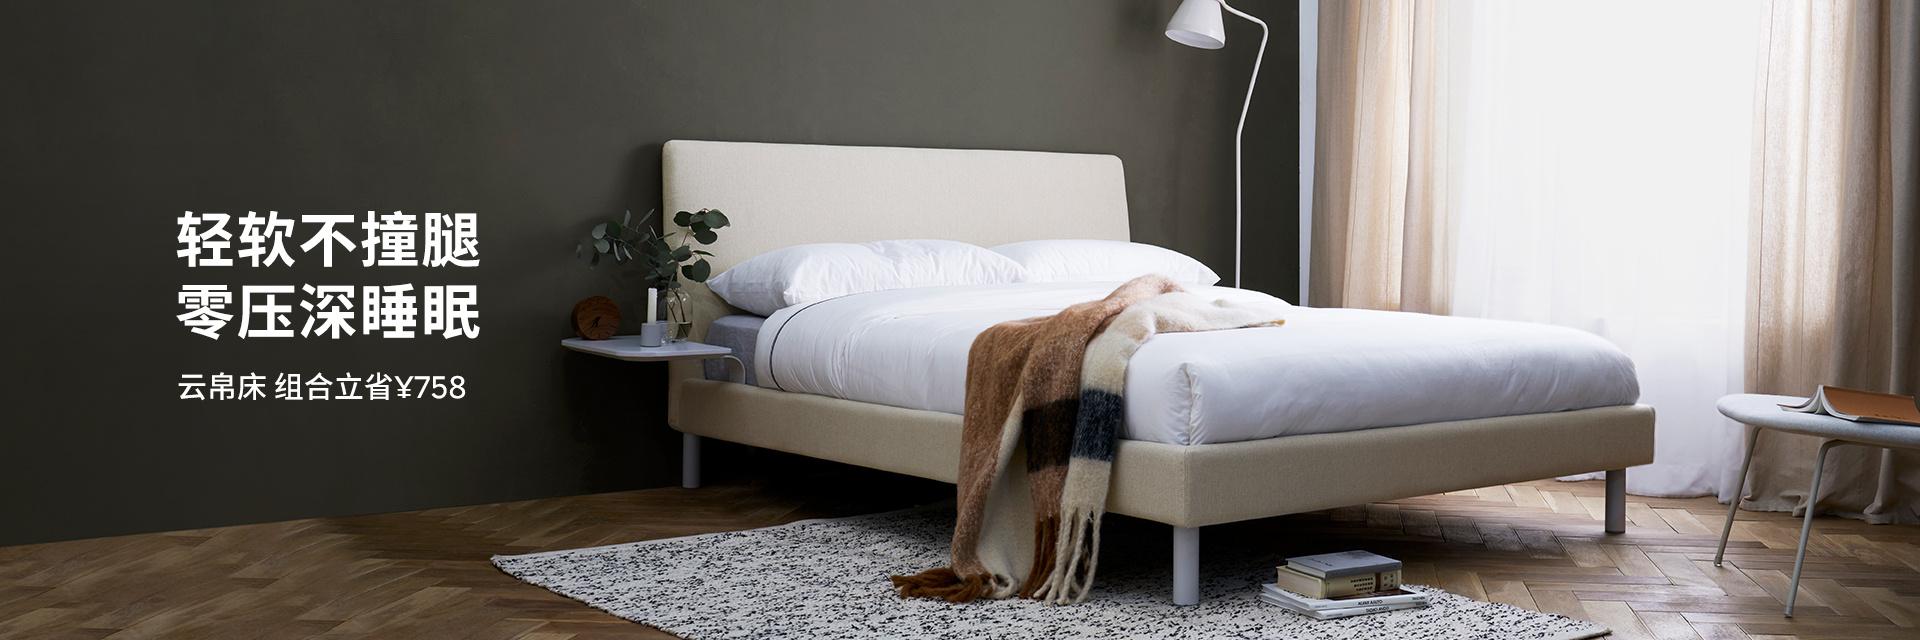 云帛床+深海沉睡床垫 组合立省¥758